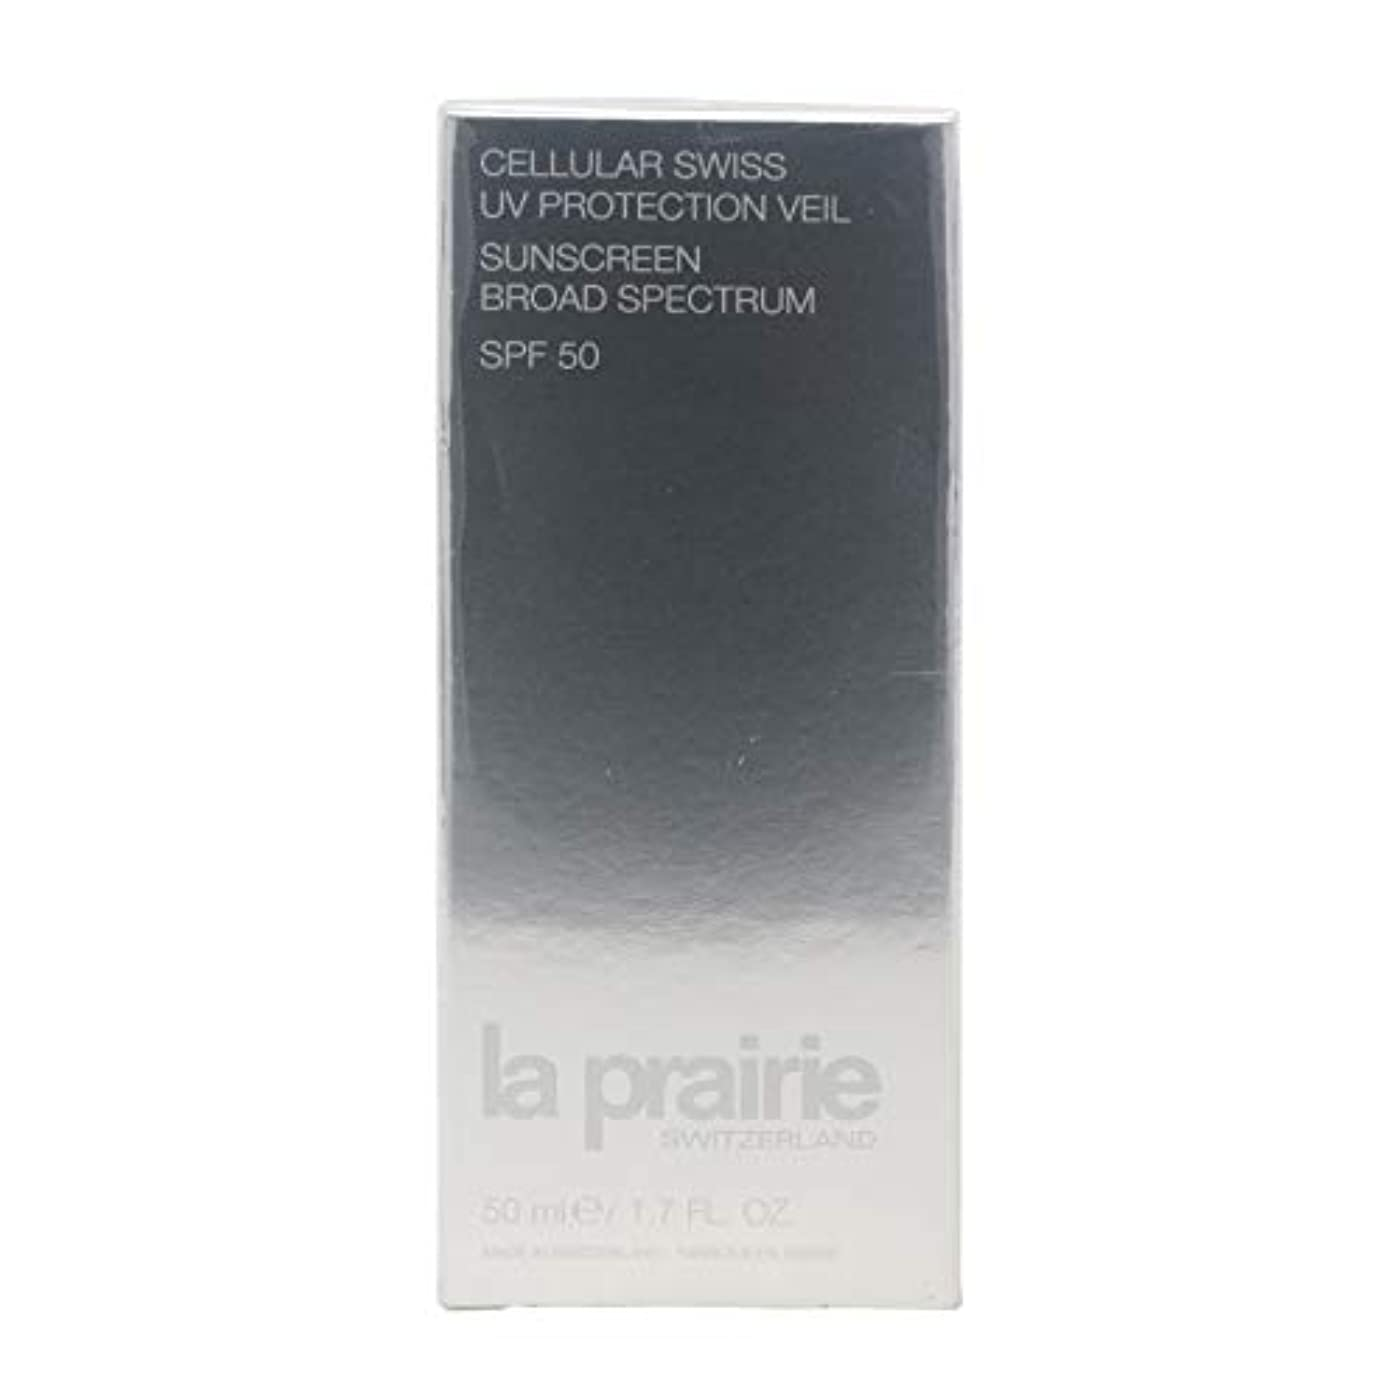 心配する堤防膜ラプレリー Cellular Swiss UV Protection Veil SPF50 50ml/1.7oz並行輸入品